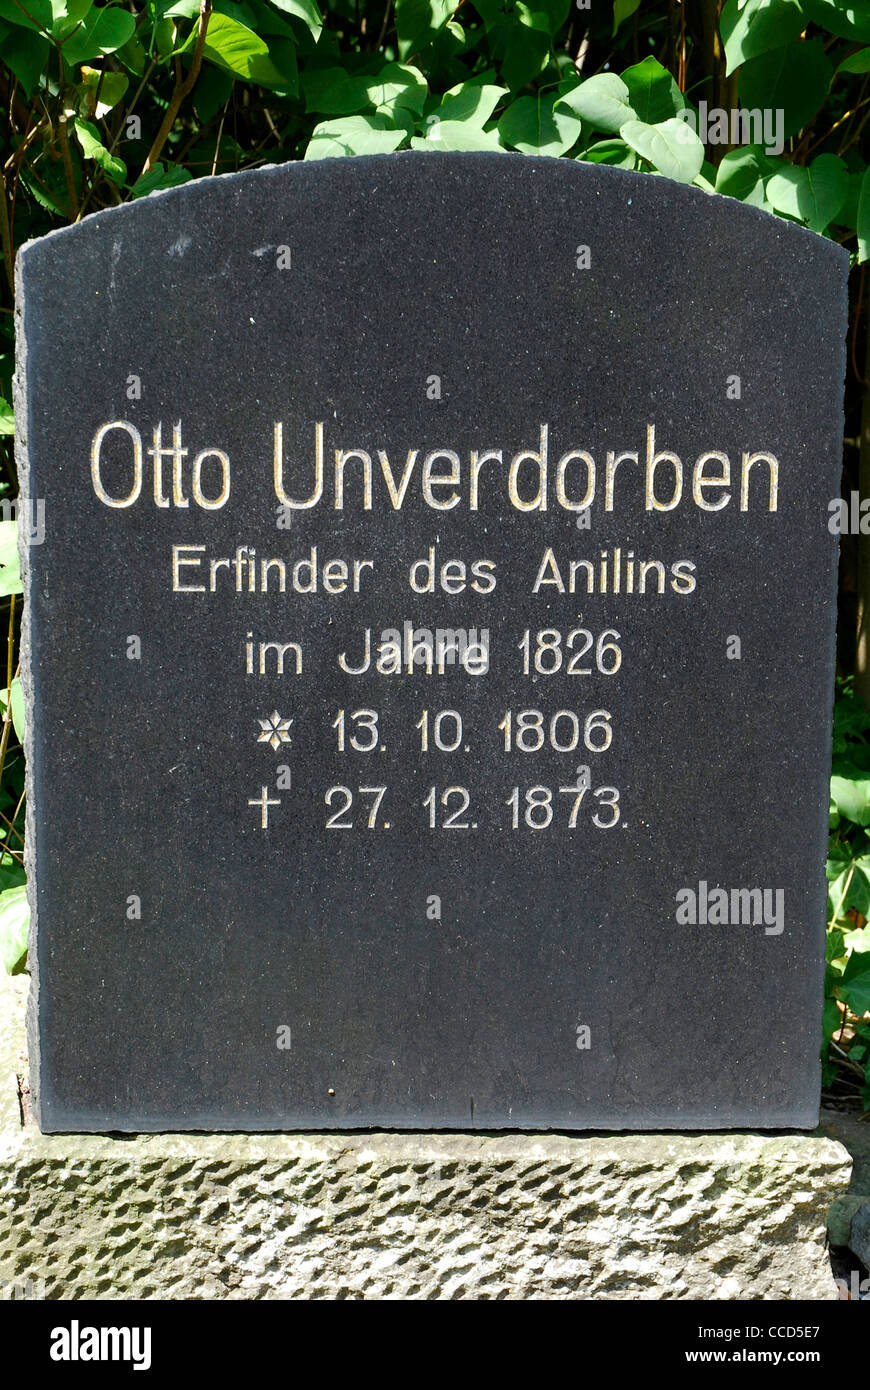 Grave of the aniline inventor Otto Unverdorben in Dahme in the Mark Brandenburg. - Stock Image